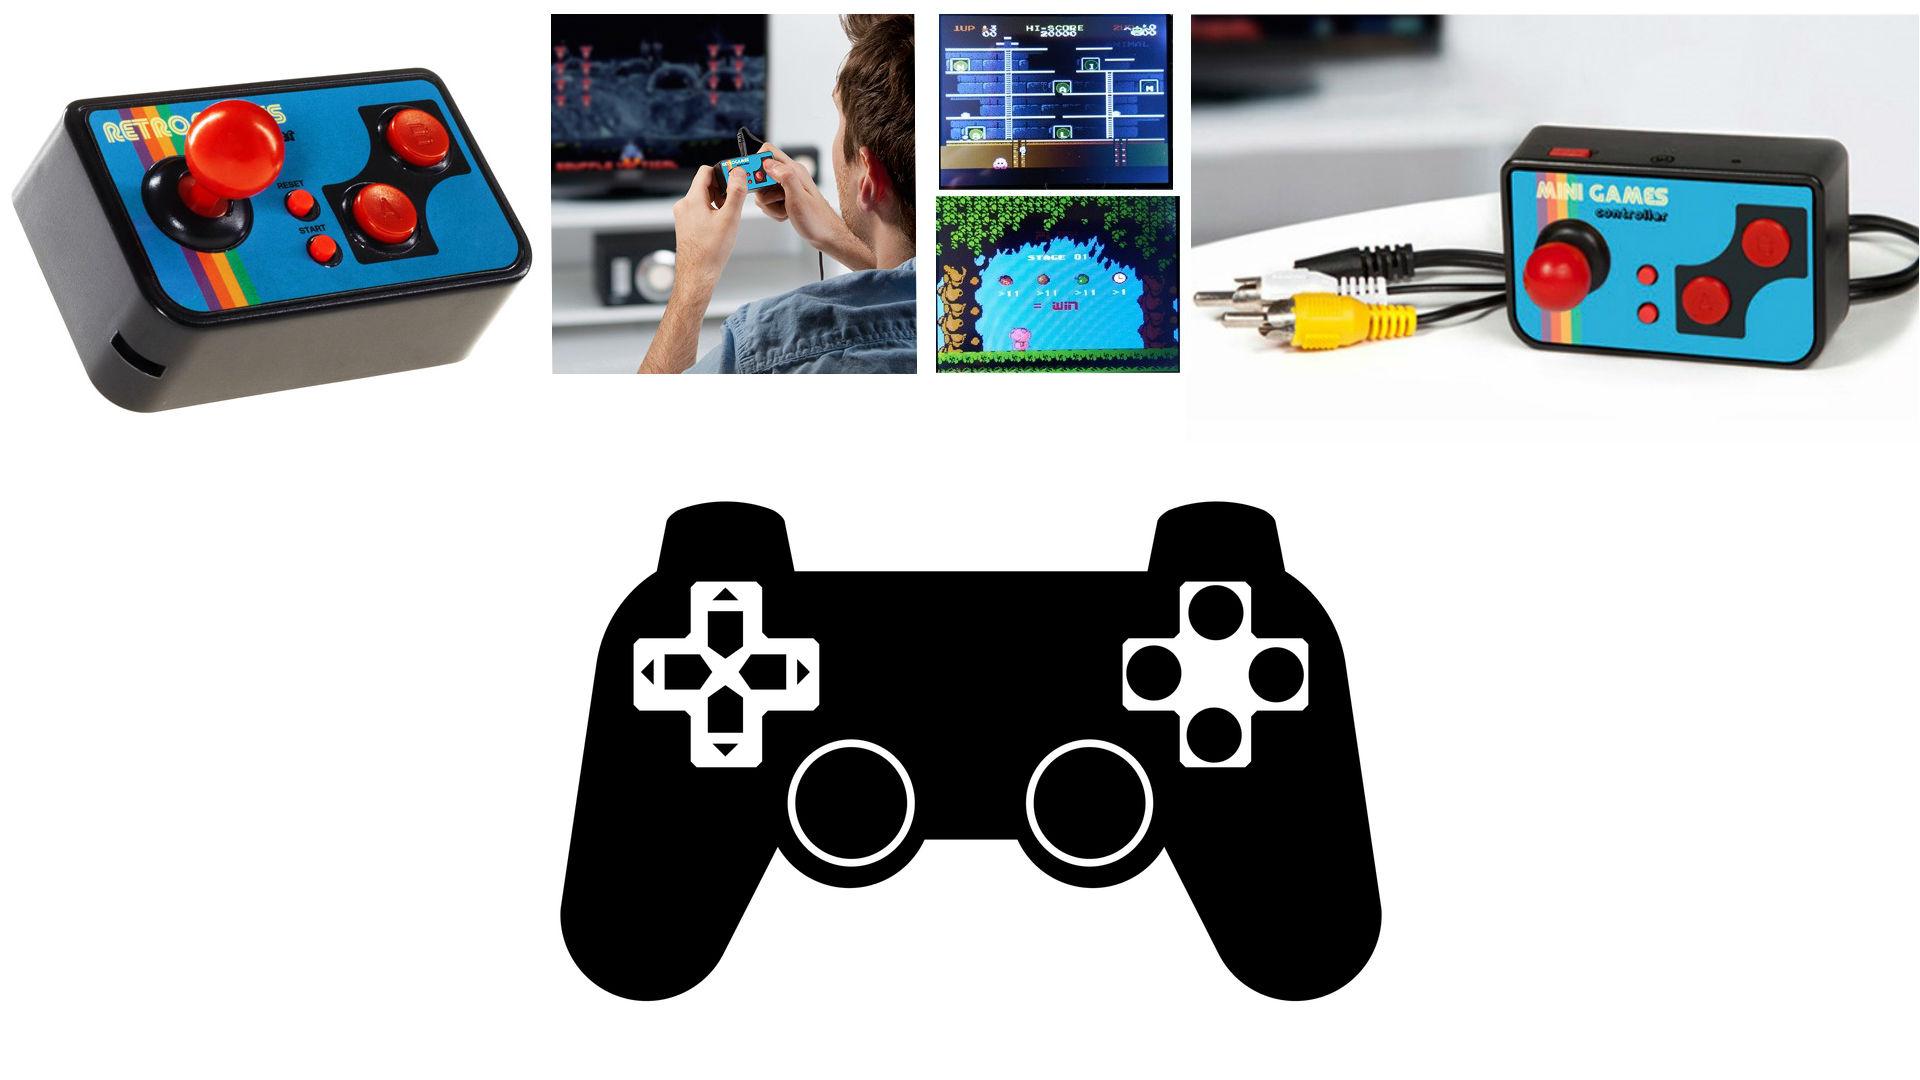 200_juegos_para_conectar_a_la_tv_final.jpg